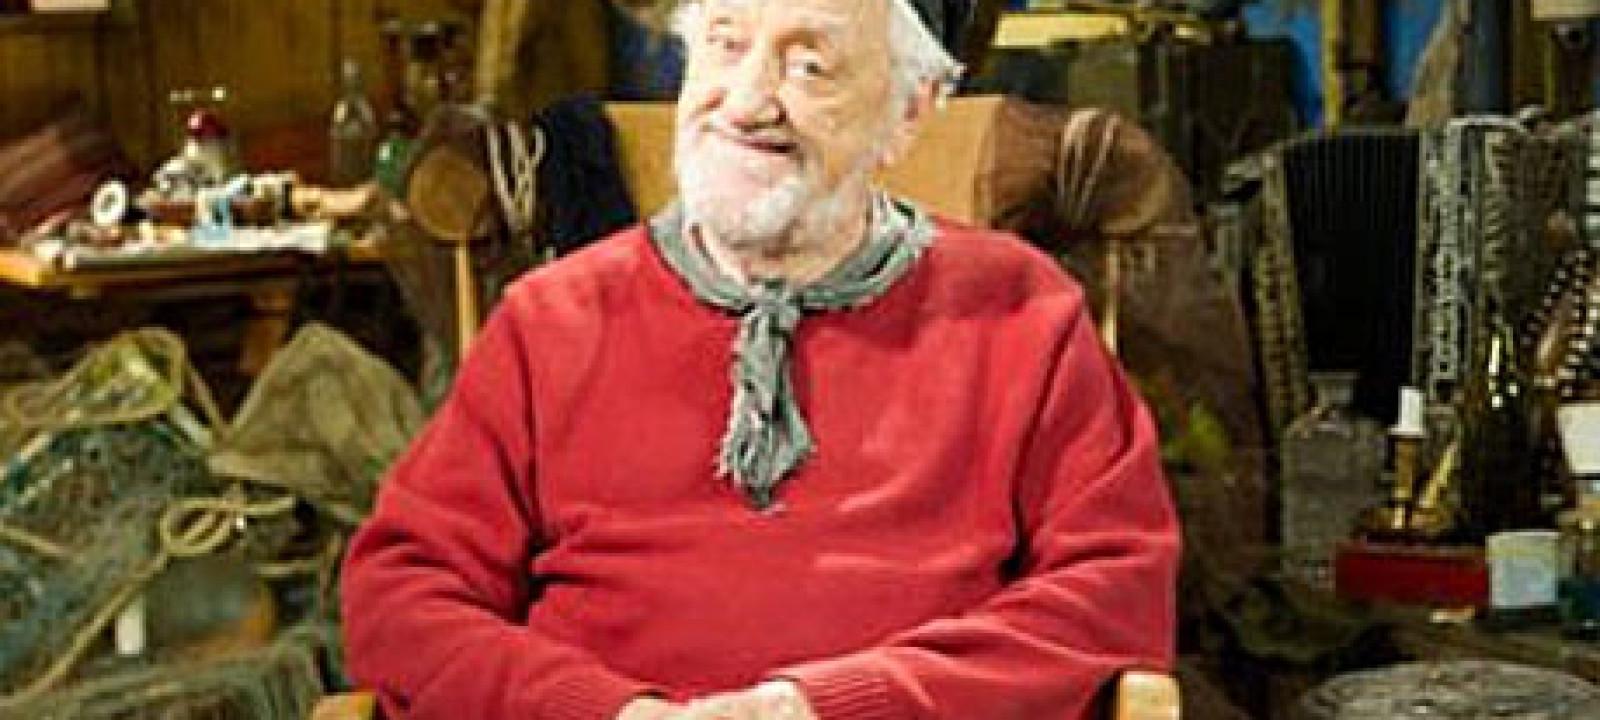 Bernard Cribbins in Old Jack's Boat